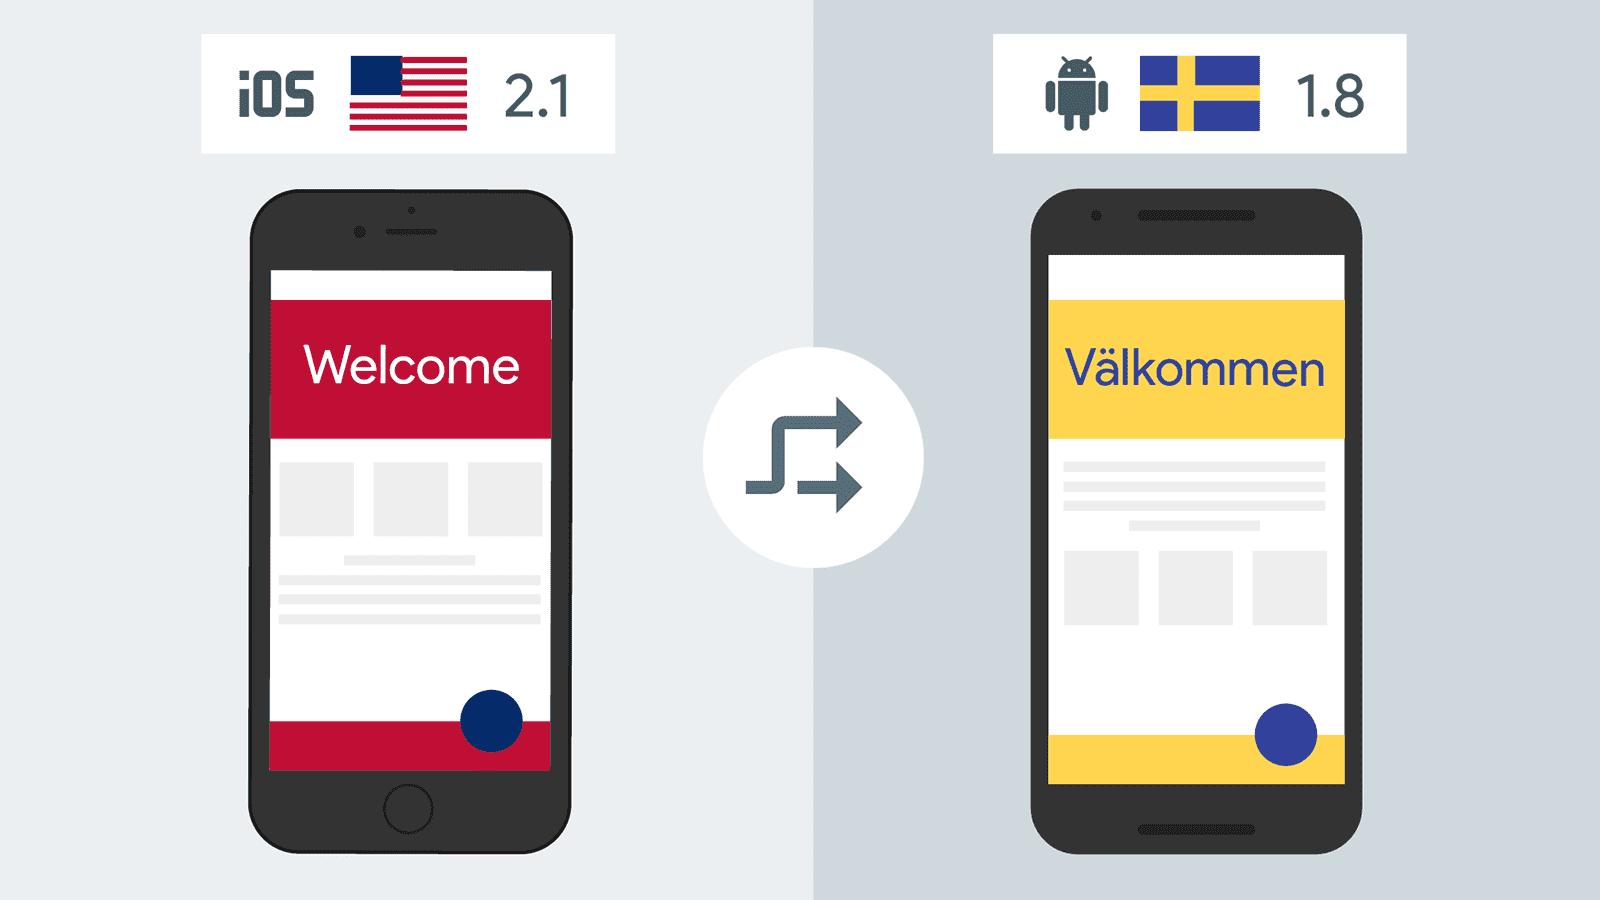 İki farklı dilde iki telefon